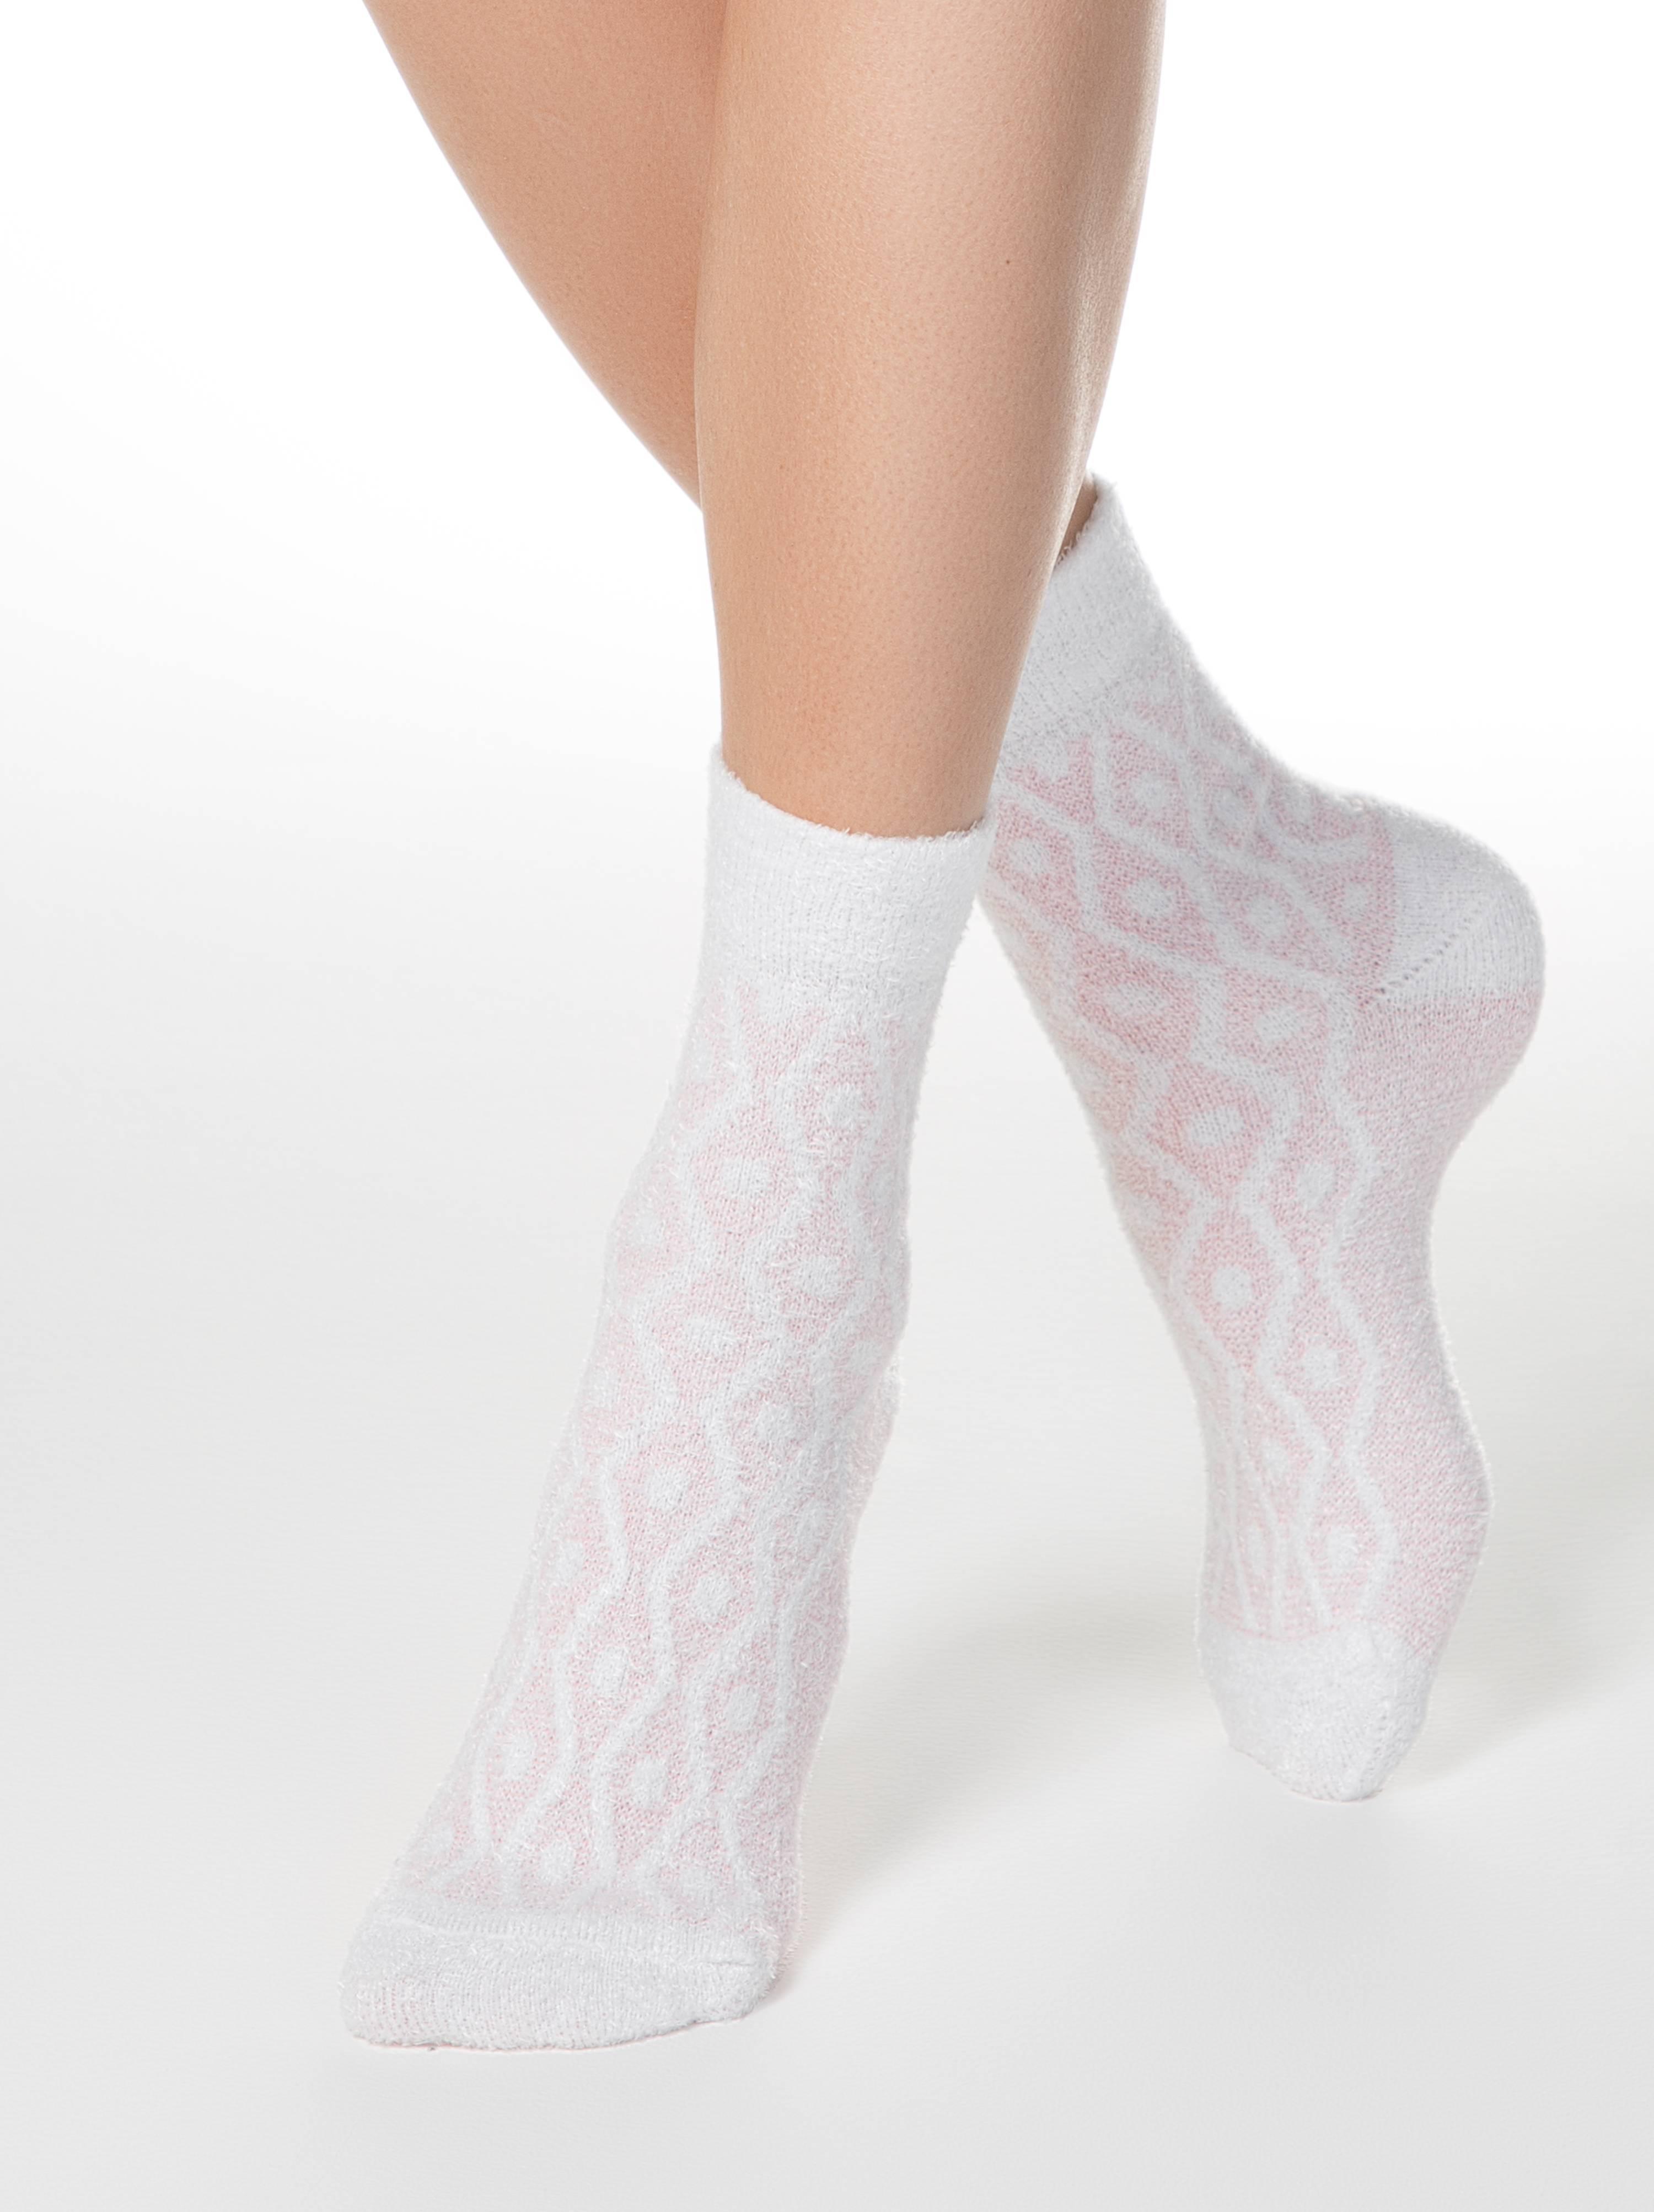 Носки женские ⭐️ Теплые носки COMFORT с пушистым рельефным рисунком ⭐️